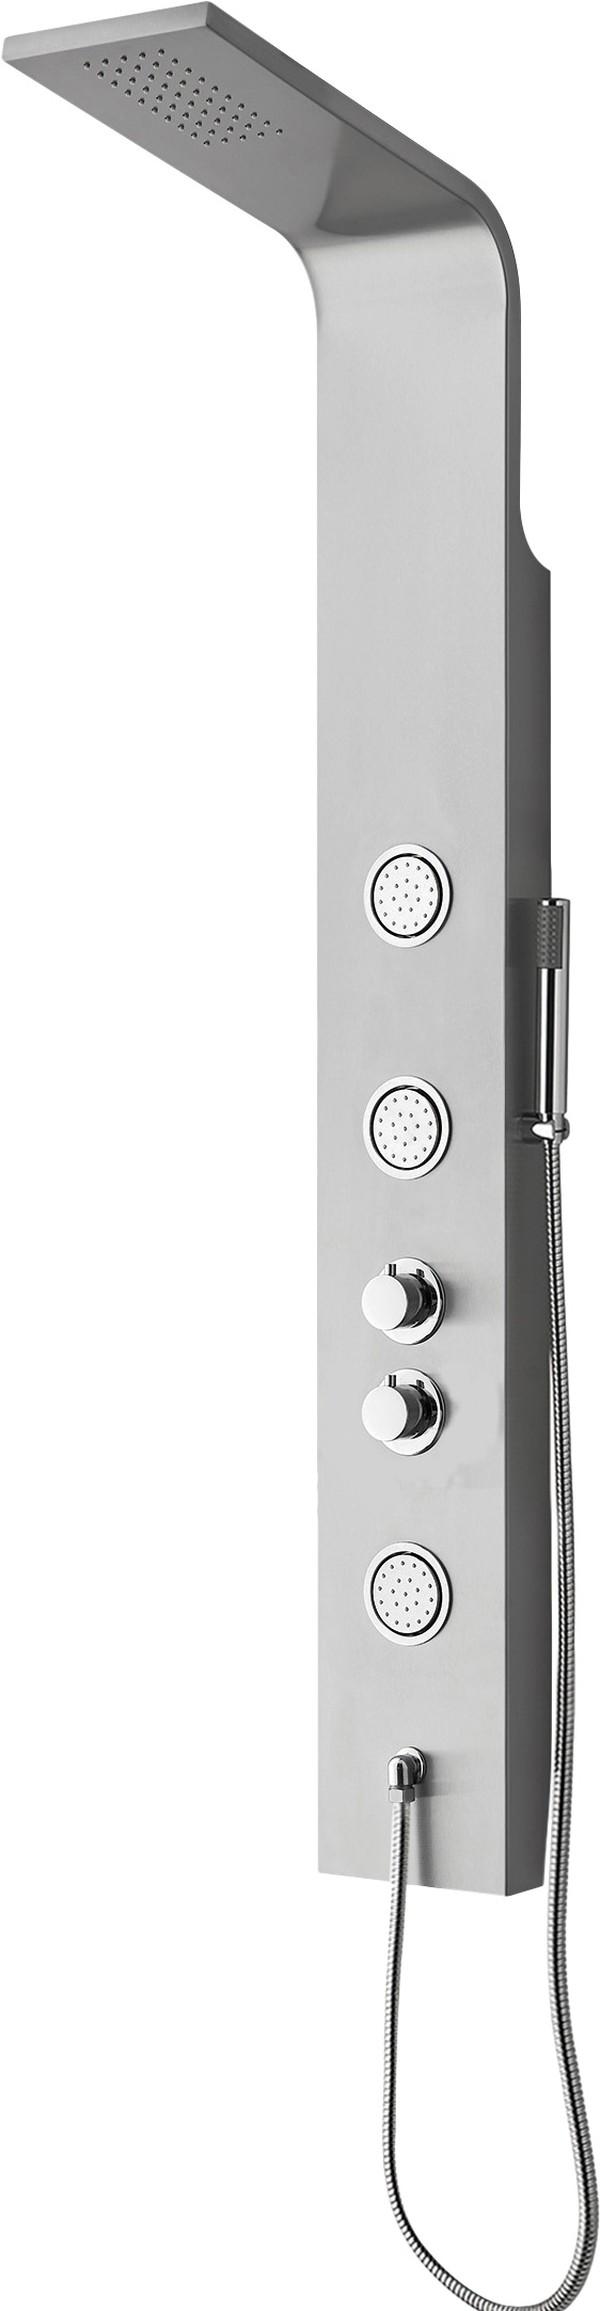 Душевая панель RGW Shower Panels SP-04